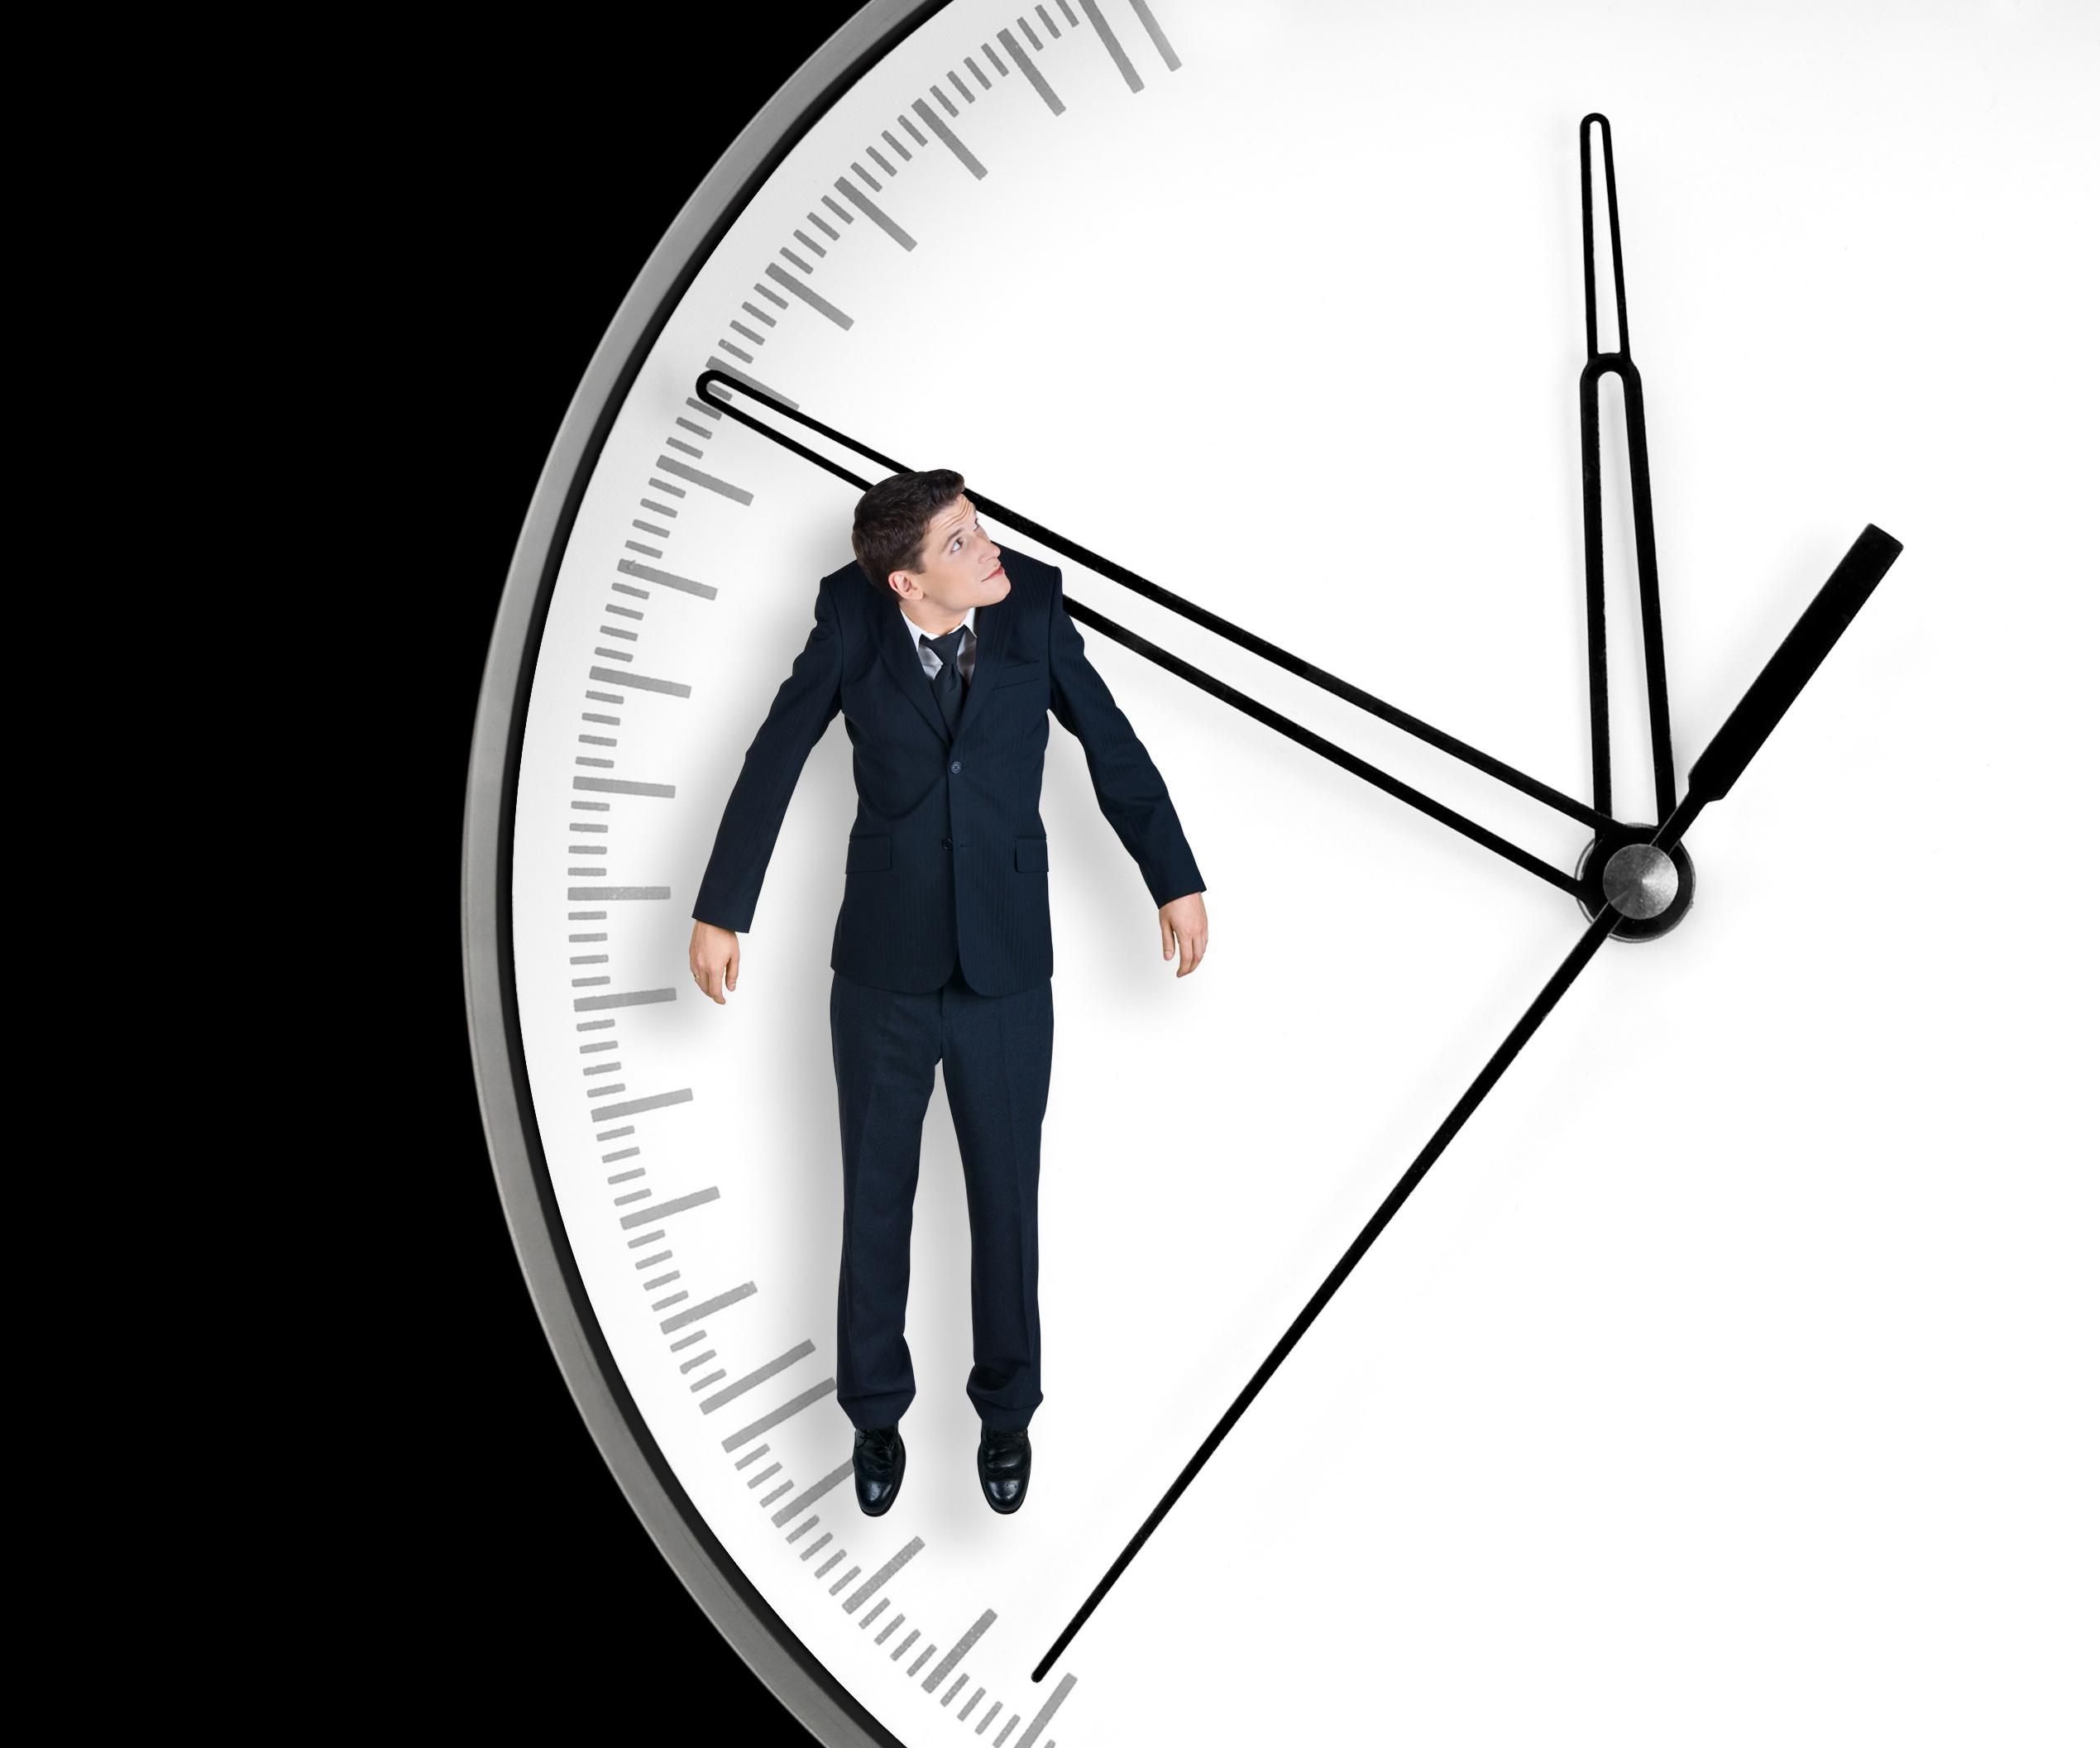 Поэтому, если часы упали со стены – это плохая примета, которая способна испортить даже очень хорошее настроение.